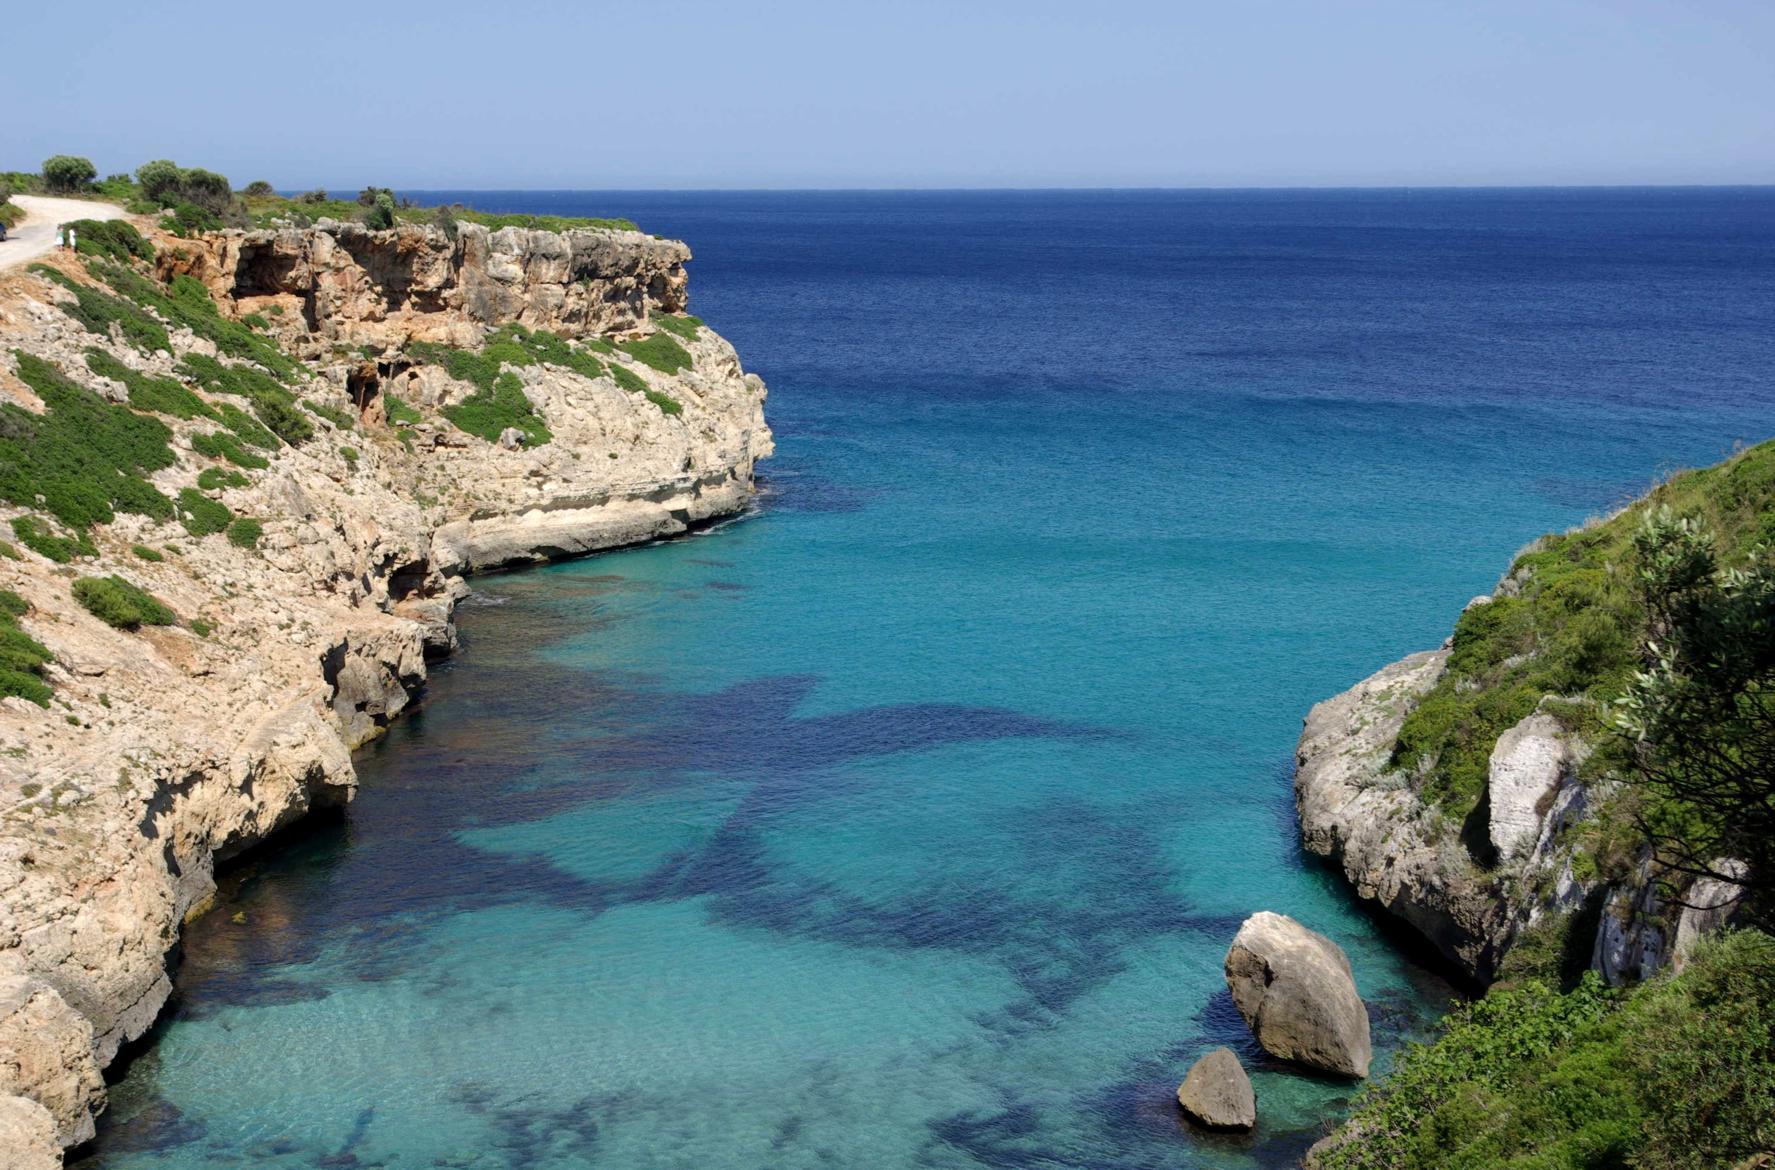 Foto playa Cala Domingos / Cala Es Domingo Gran. Cala Antena - Cales de Mallorca - Buy a print in - http://cafate.blogspot.com/